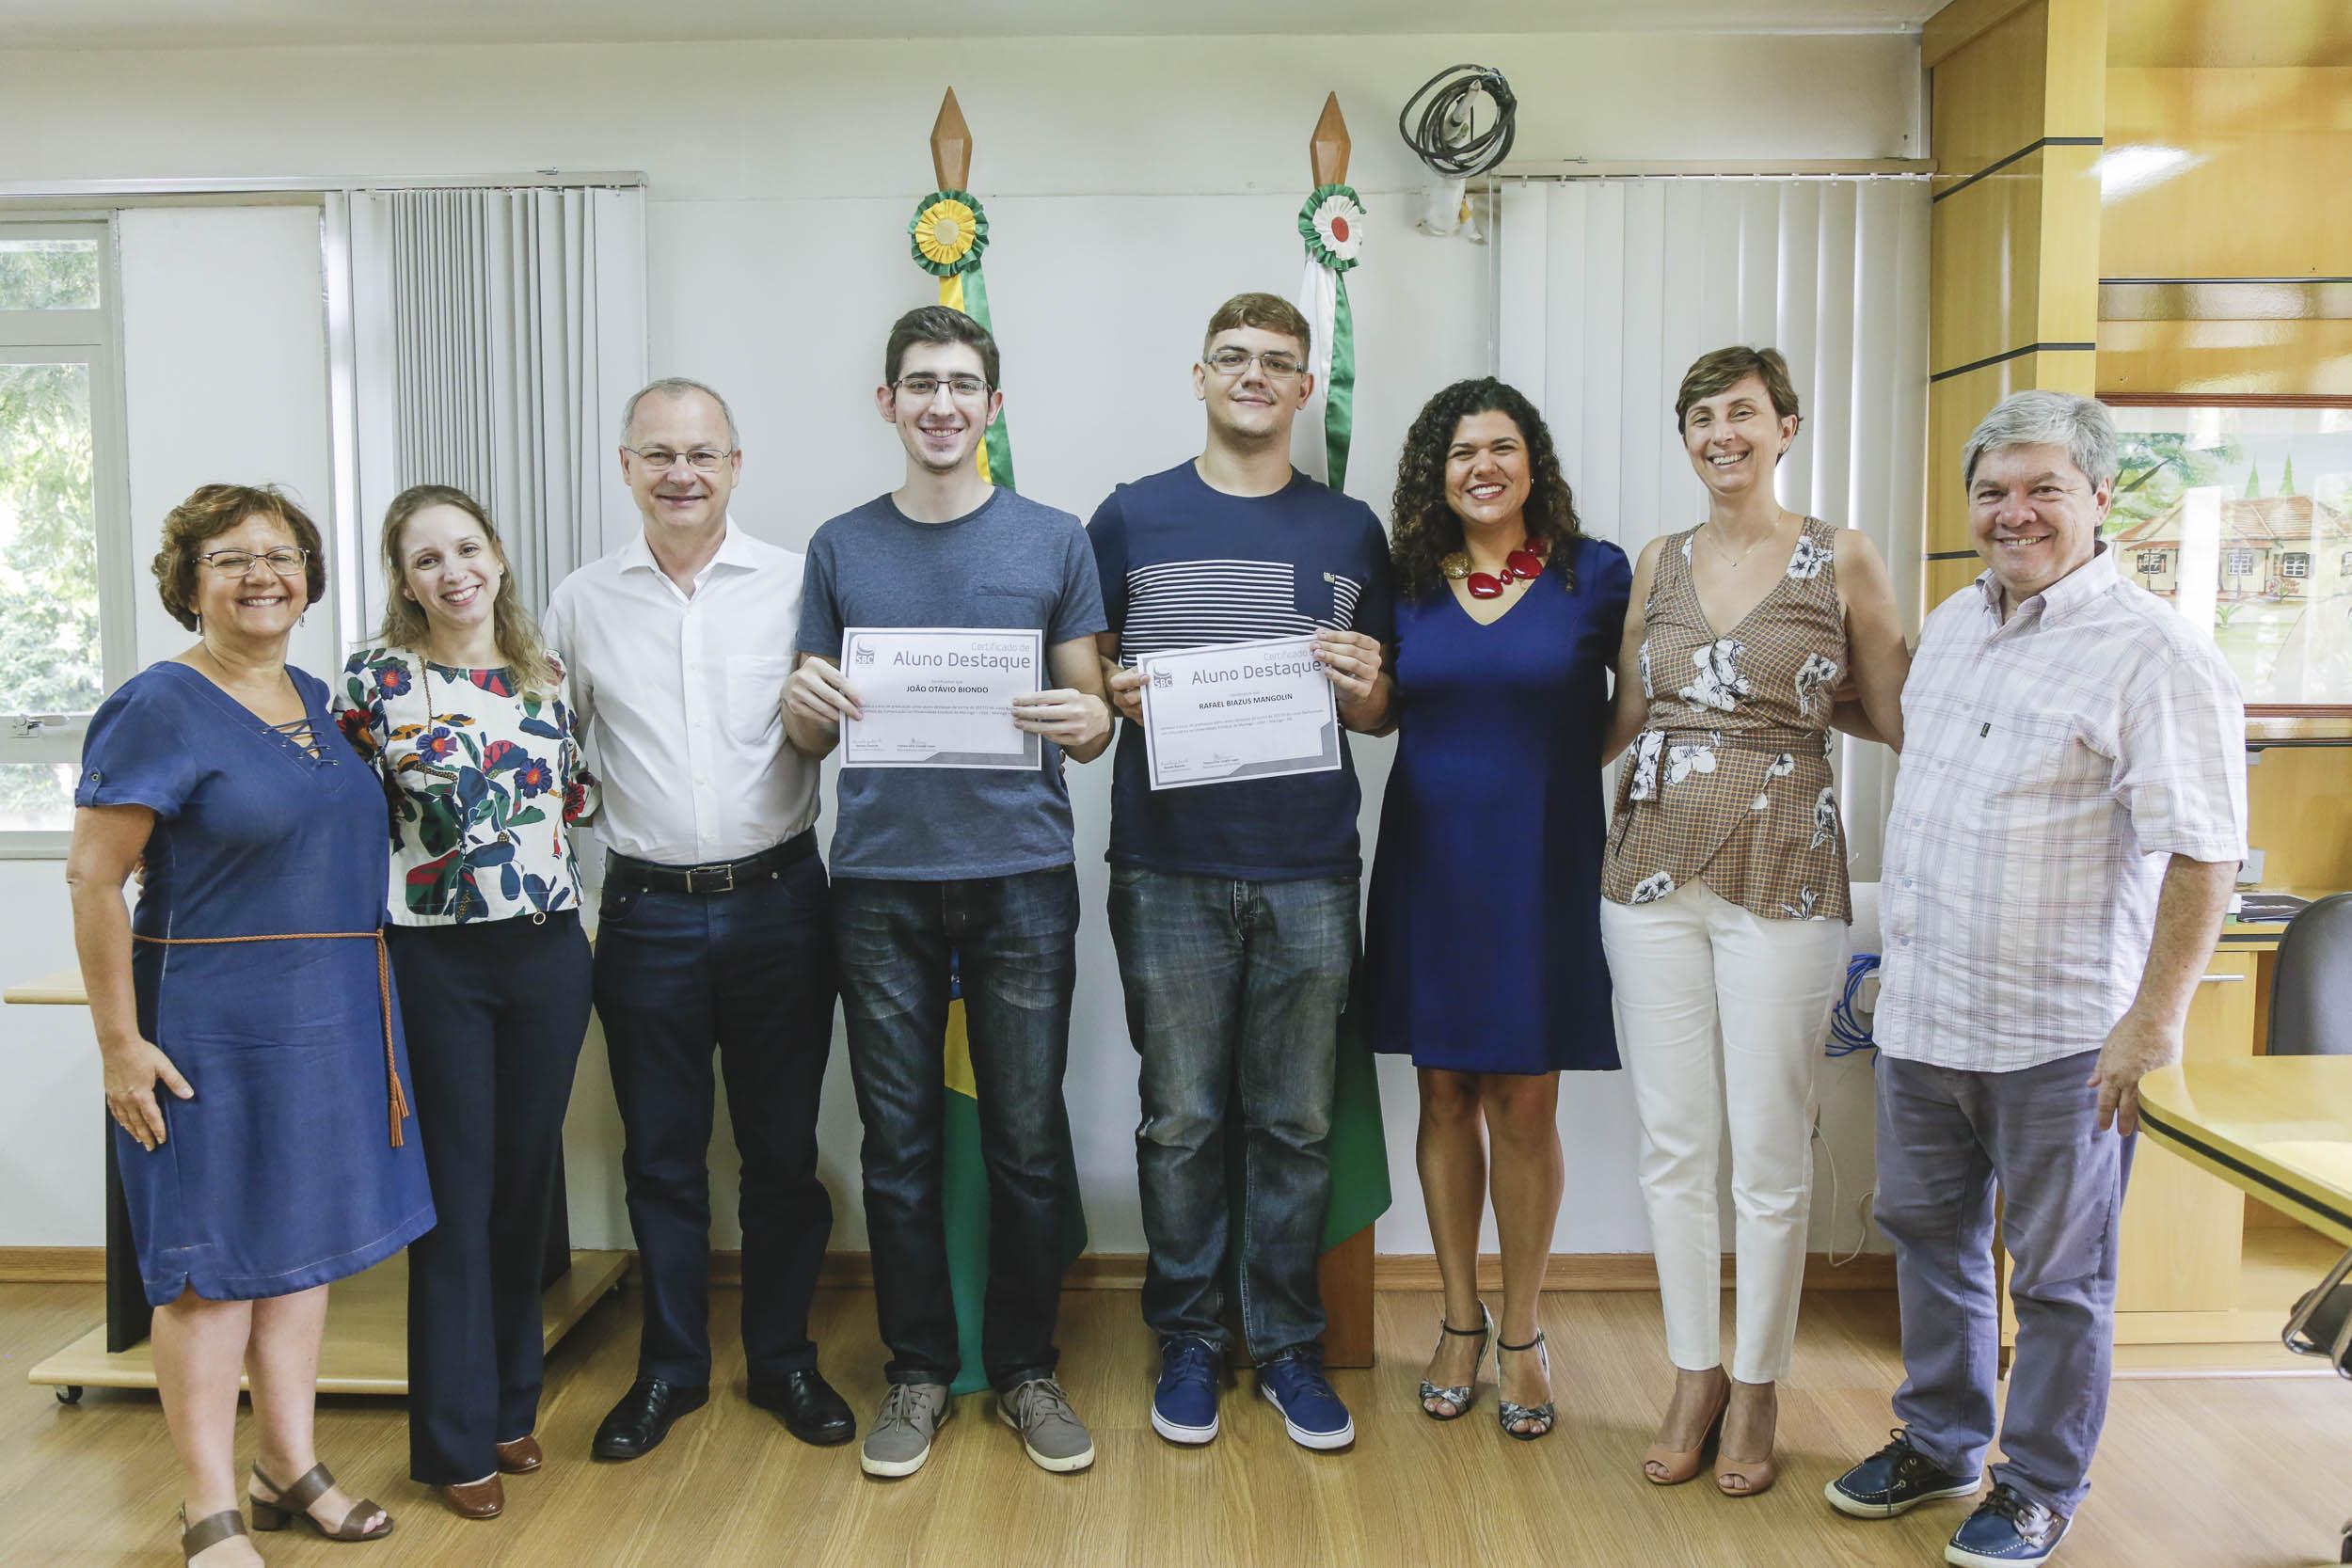 Estudantes recebem prêmio Destaque do Ano da Sociedade Brasileira de Computação